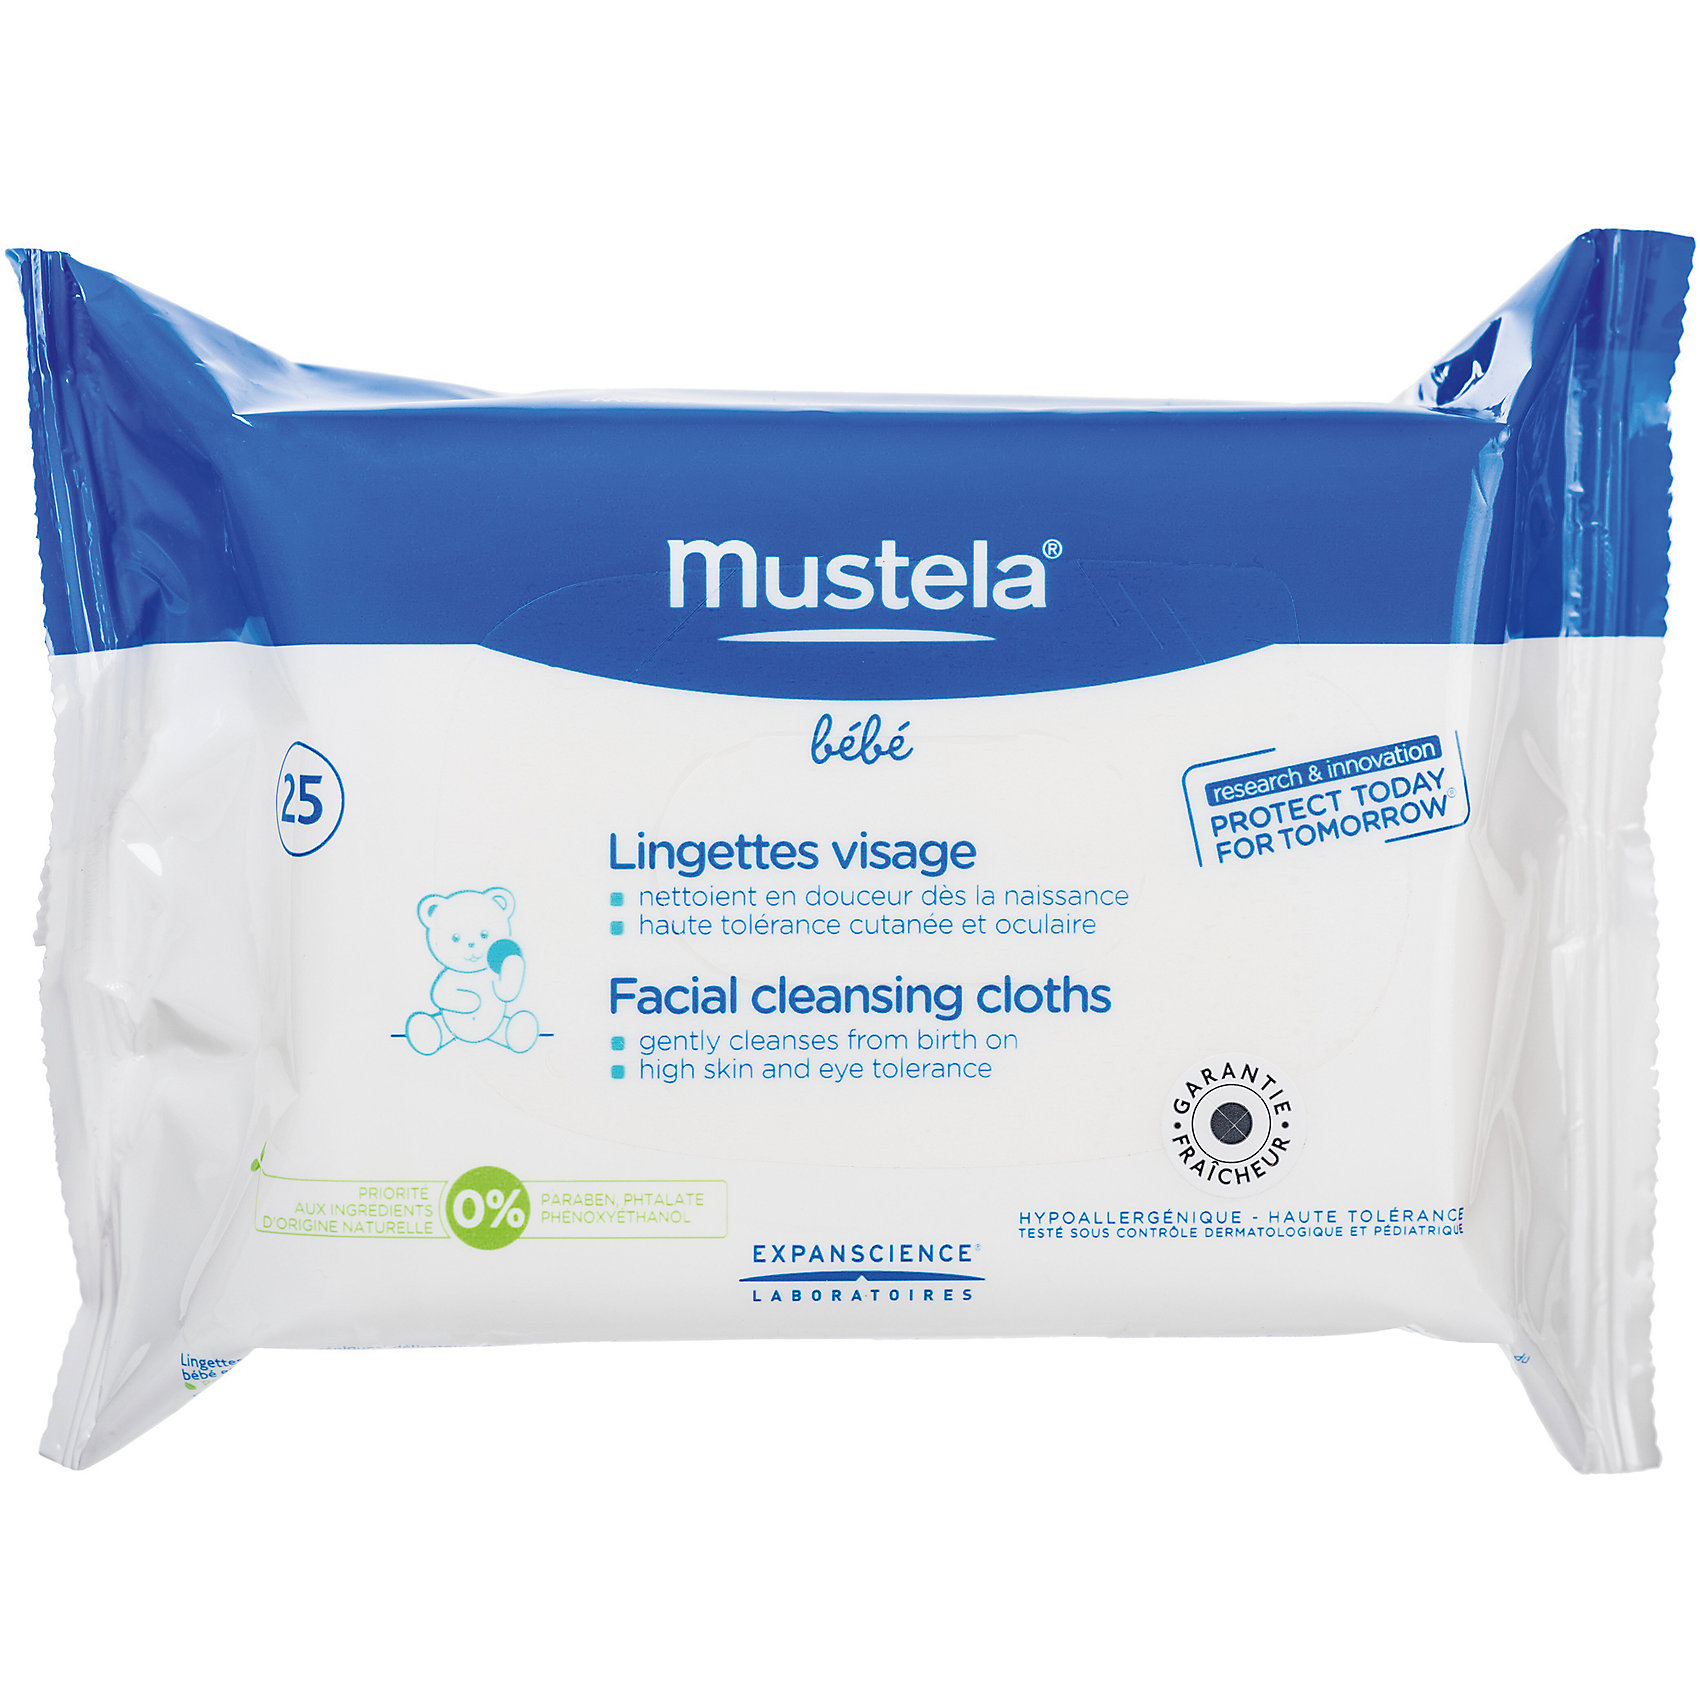 Очищающие салфетки , №25, MustelaВлажные салфетки<br>Салфетки для мягкого очищения без запаха, №25, Mustela (Мустела).<br><br>Характеристики:<br><br>- Средство: салфетки .<br>- Объём: 25 штук.<br>- Состав пропитки: AQUA (WATER), GLYCERIN, PEG-40 HYDROGENATED CASTOR OIL, SODIUM BENZOATE, POTASSIUM SORBATE, ALLANTOIN, 1,2-HEXANEDIOL, CAPRYLYL GLYCOL, TARTARIC ACID, PROPYLENE GLYCOL, ALOE BARBADENSIS LEAF JUICE POWDER, SAPONARIA OFFICINALIS LEAF/ROOT EXTRACT, TROPOLONE, PERSEA GRATISSIMA (AVOCADO) FRUIT EXTRACT, SODIUM HYDROXIDE.<br><br>Влажные салфетки для бережного очищения кожи малыша и области под подгузником. Благодаря своей формуле, влажные салфетки способствуют укреплению кожного барьера малыша и сохранению клеточных ресурсов его кожи. Салфетки без запаха, гипоаллергенны, безопасно и эффективно удаляют загрязнения с кожи малыша и области под подгузником. Удобно брать с собой в поездки и на прогулку.<br><br>Салфетки для мягкого очищения без запаха, №25, Mustela (Мустела), можно купить в нашем интернет - магазине.<br><br>Ширина мм: 35<br>Глубина мм: 105<br>Высота мм: 105<br>Вес г: 163<br>Возраст от месяцев: 0<br>Возраст до месяцев: 12<br>Пол: Унисекс<br>Возраст: Детский<br>SKU: 5392919